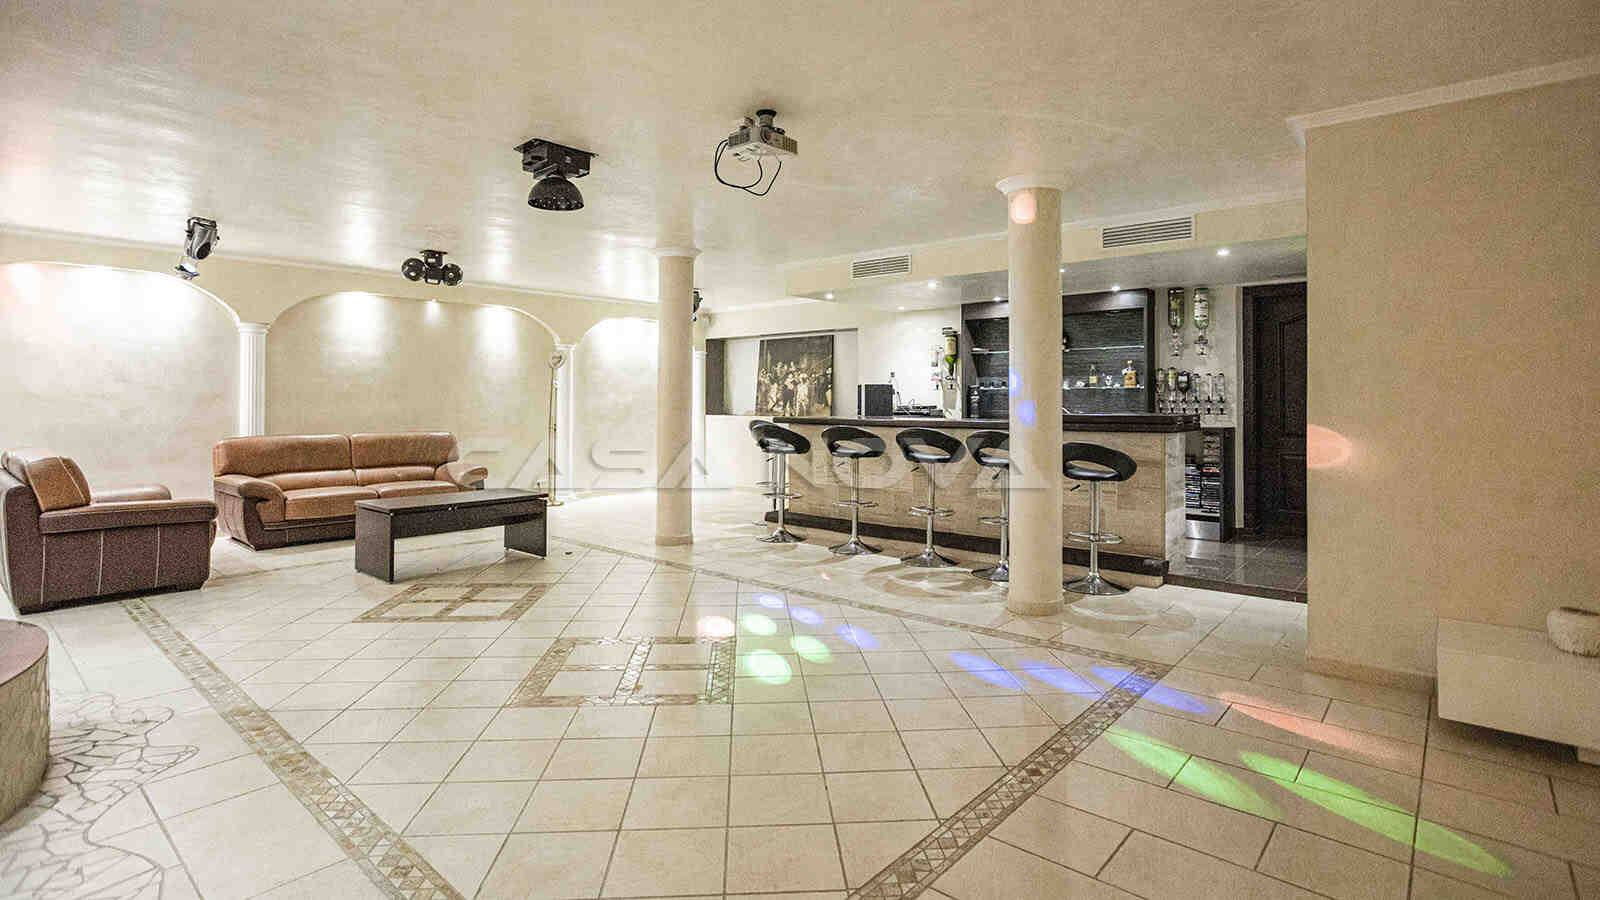 Kellerbereich der Villa mit Bar und Lounge